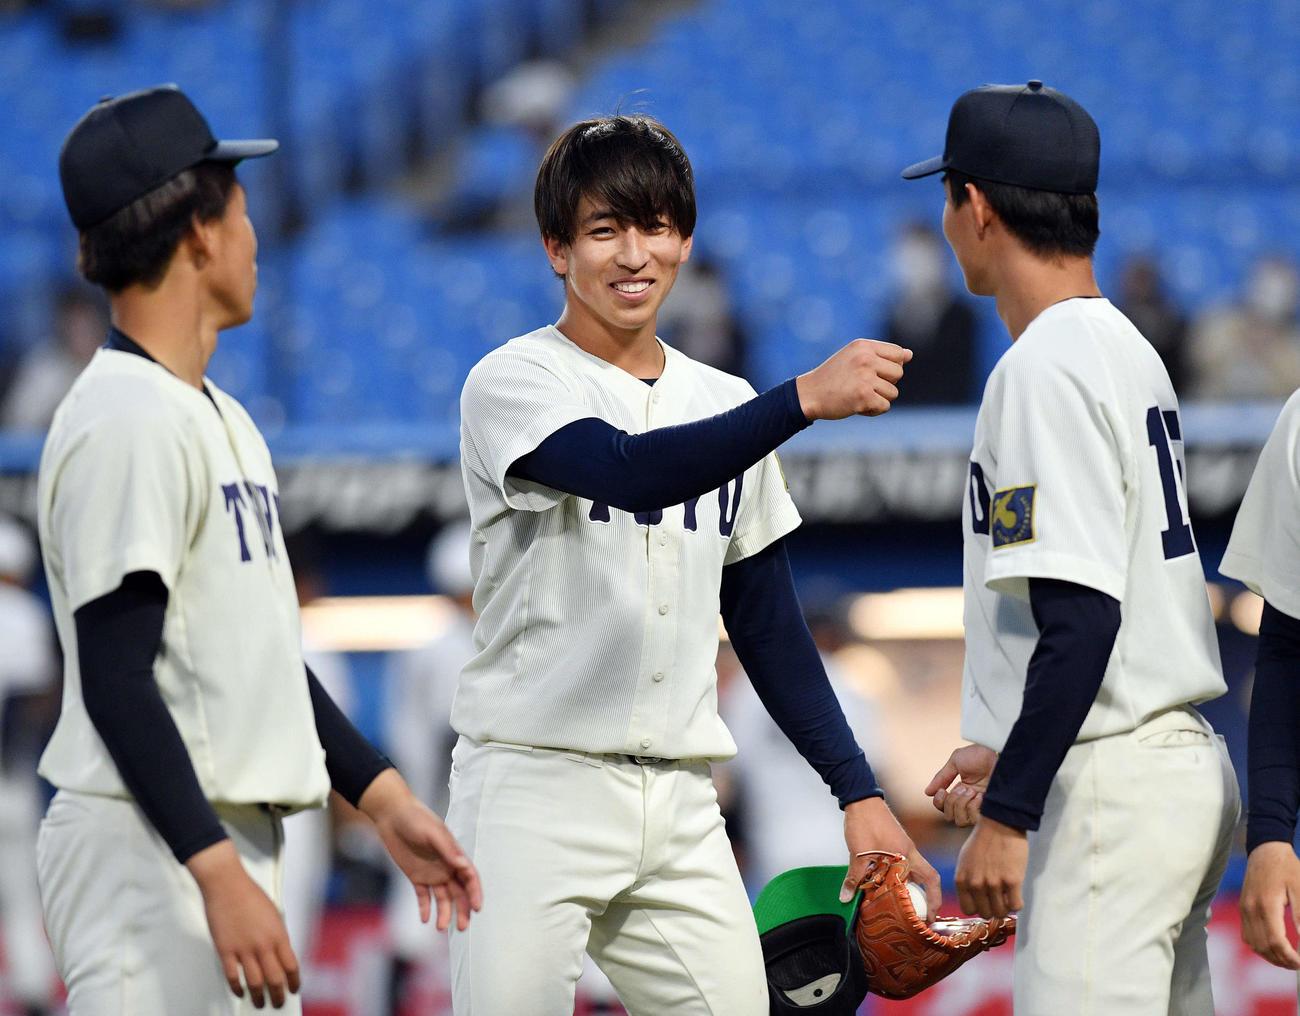 東洋大対中大 試合後、完封勝利した東洋大・細野(中央)は笑顔を見せる(撮影・滝沢徹郎)